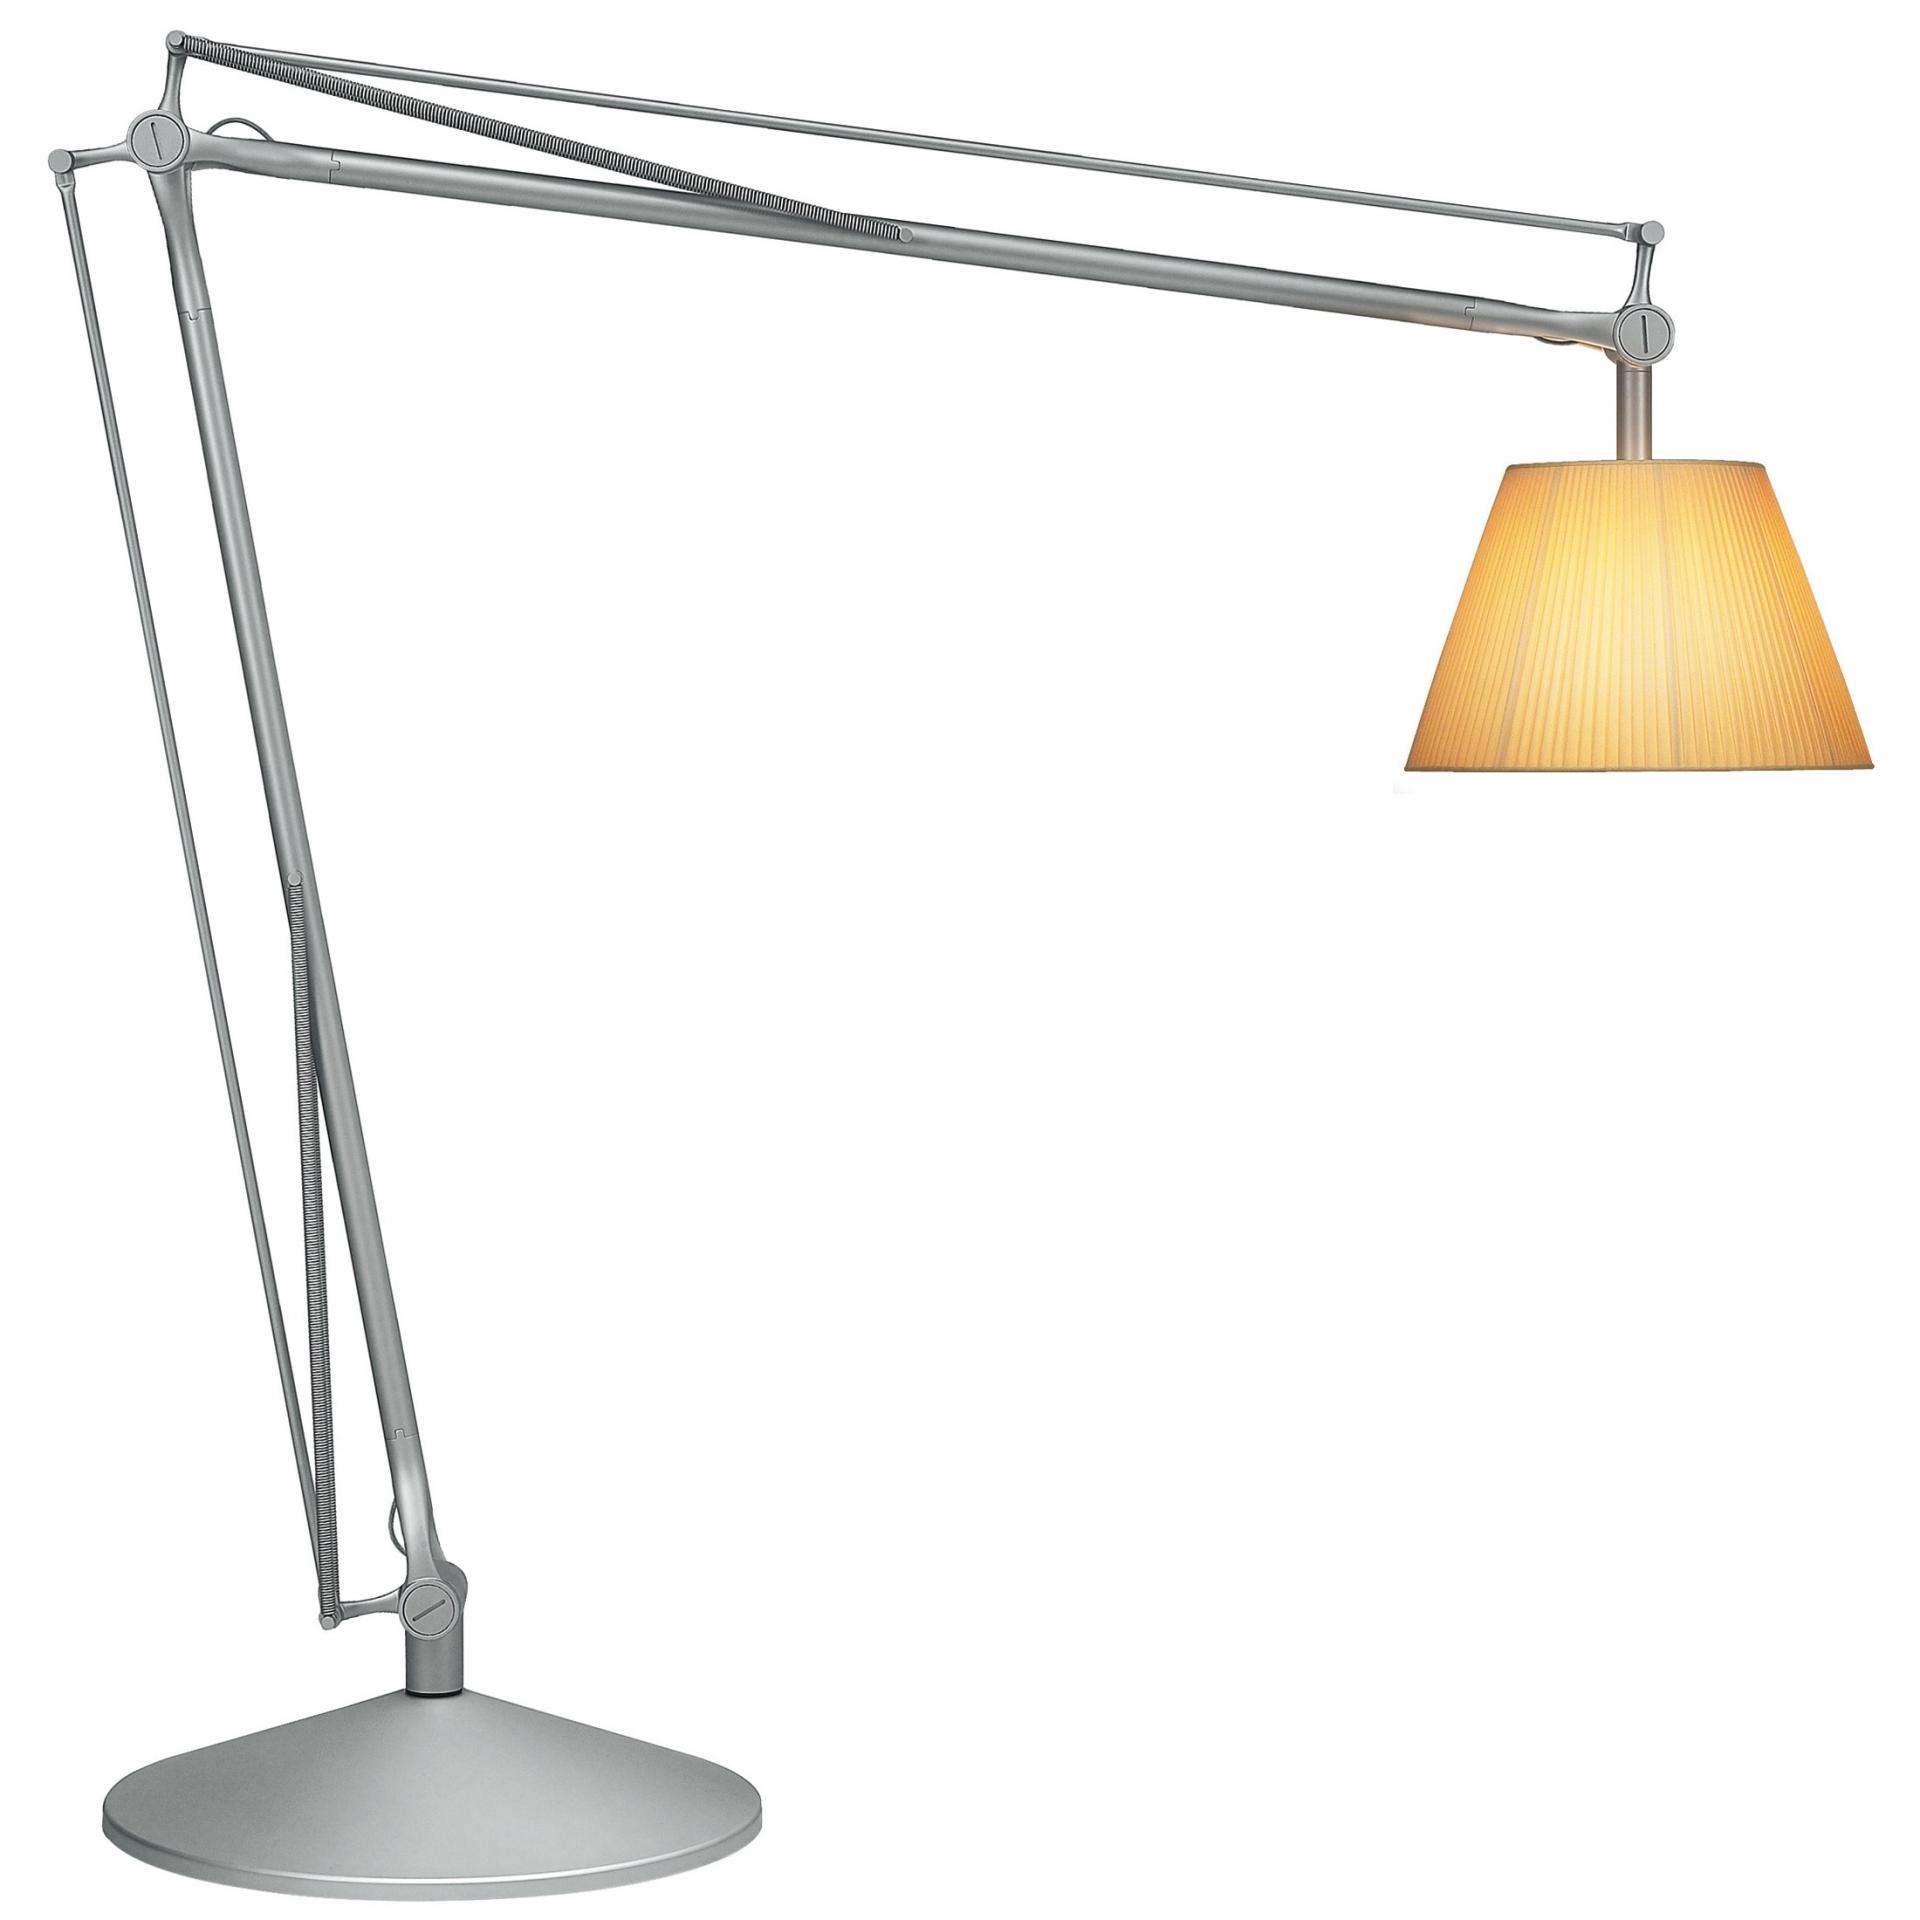 Flos designové stojací lampy Super Archimoon